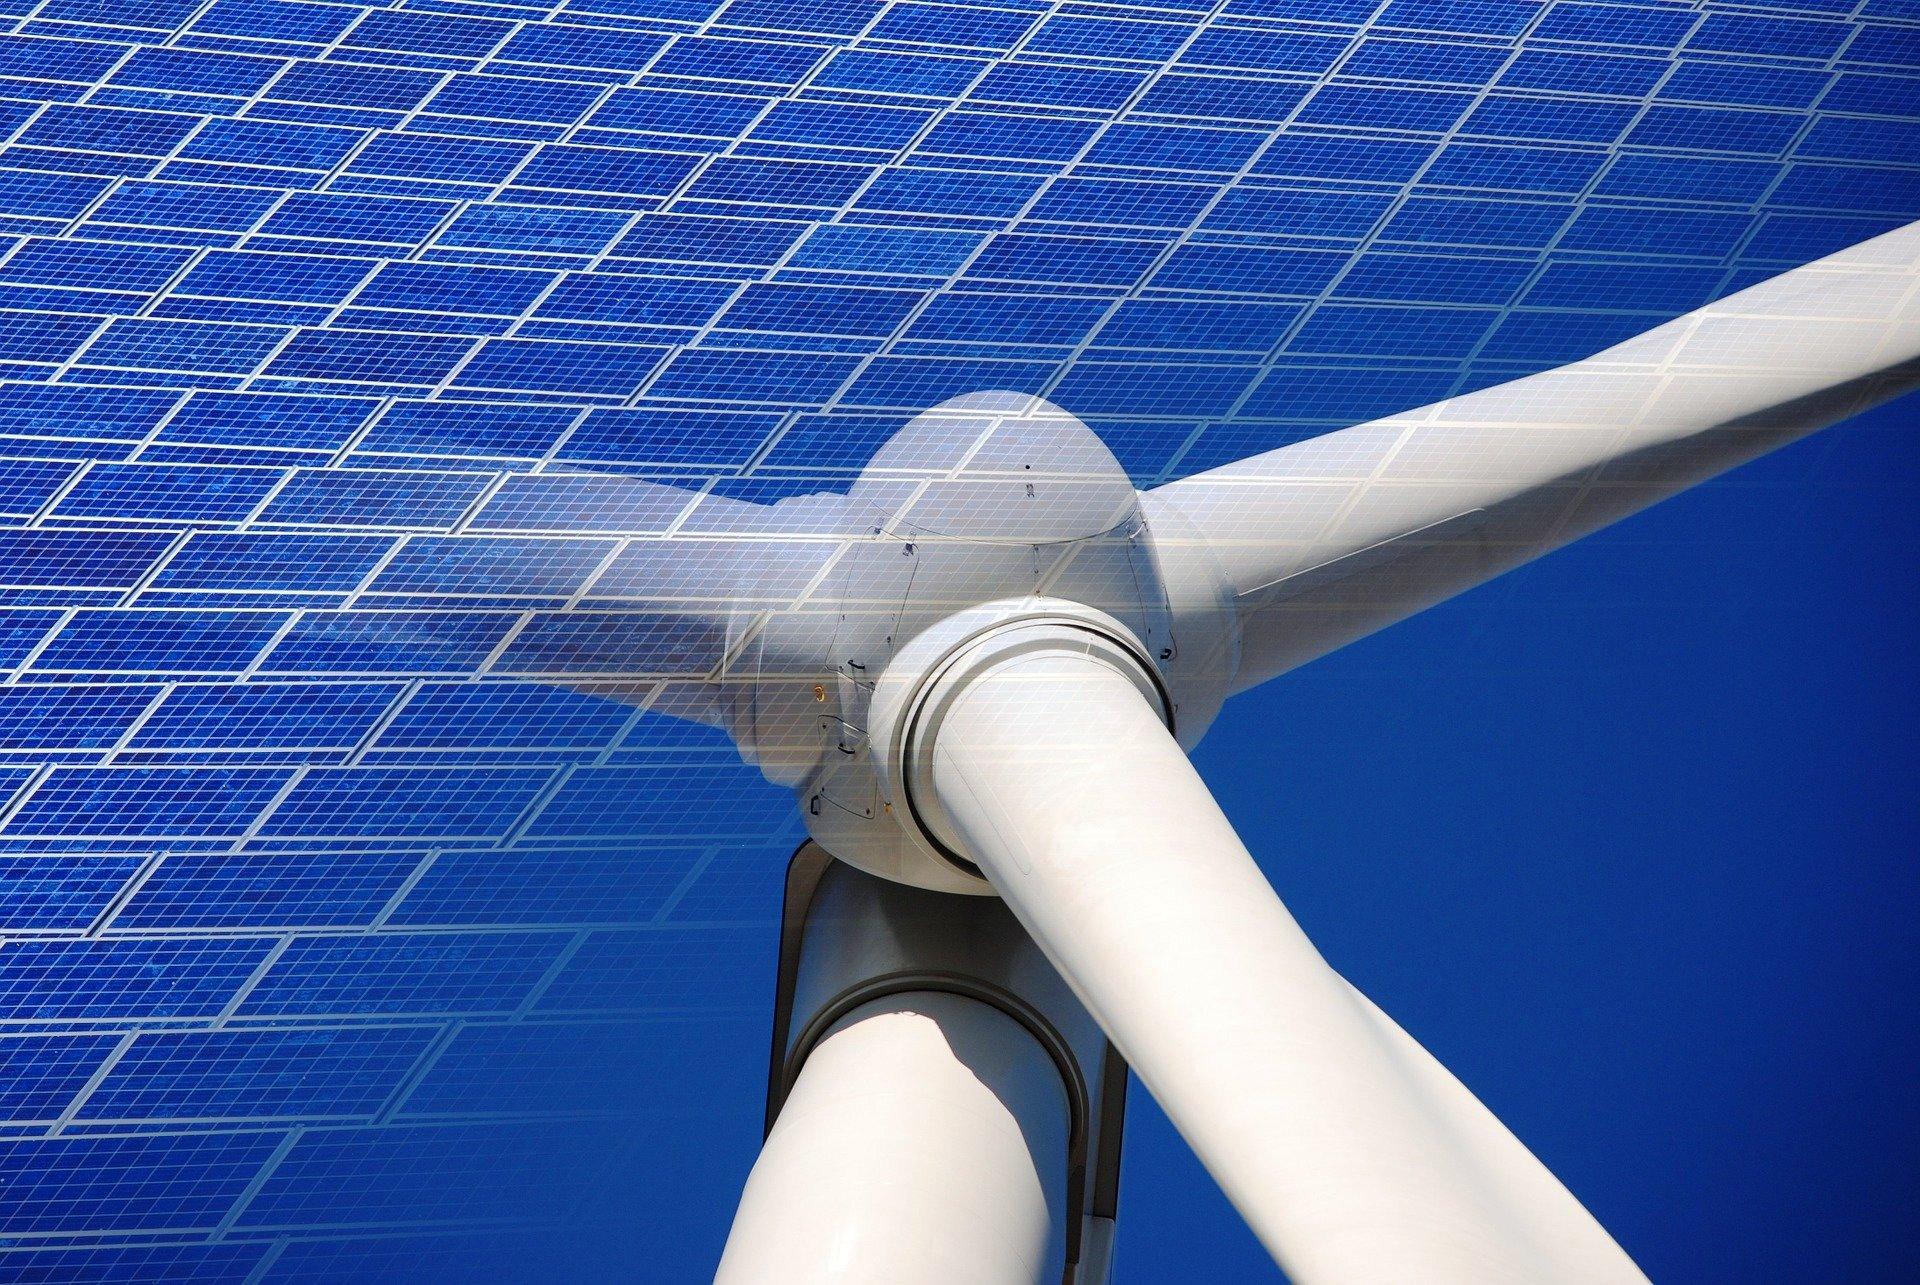 Indien-baut-einen-Solar-Wind-Megapark-mit-30-GW-von-der-Gr-e-Singapurs